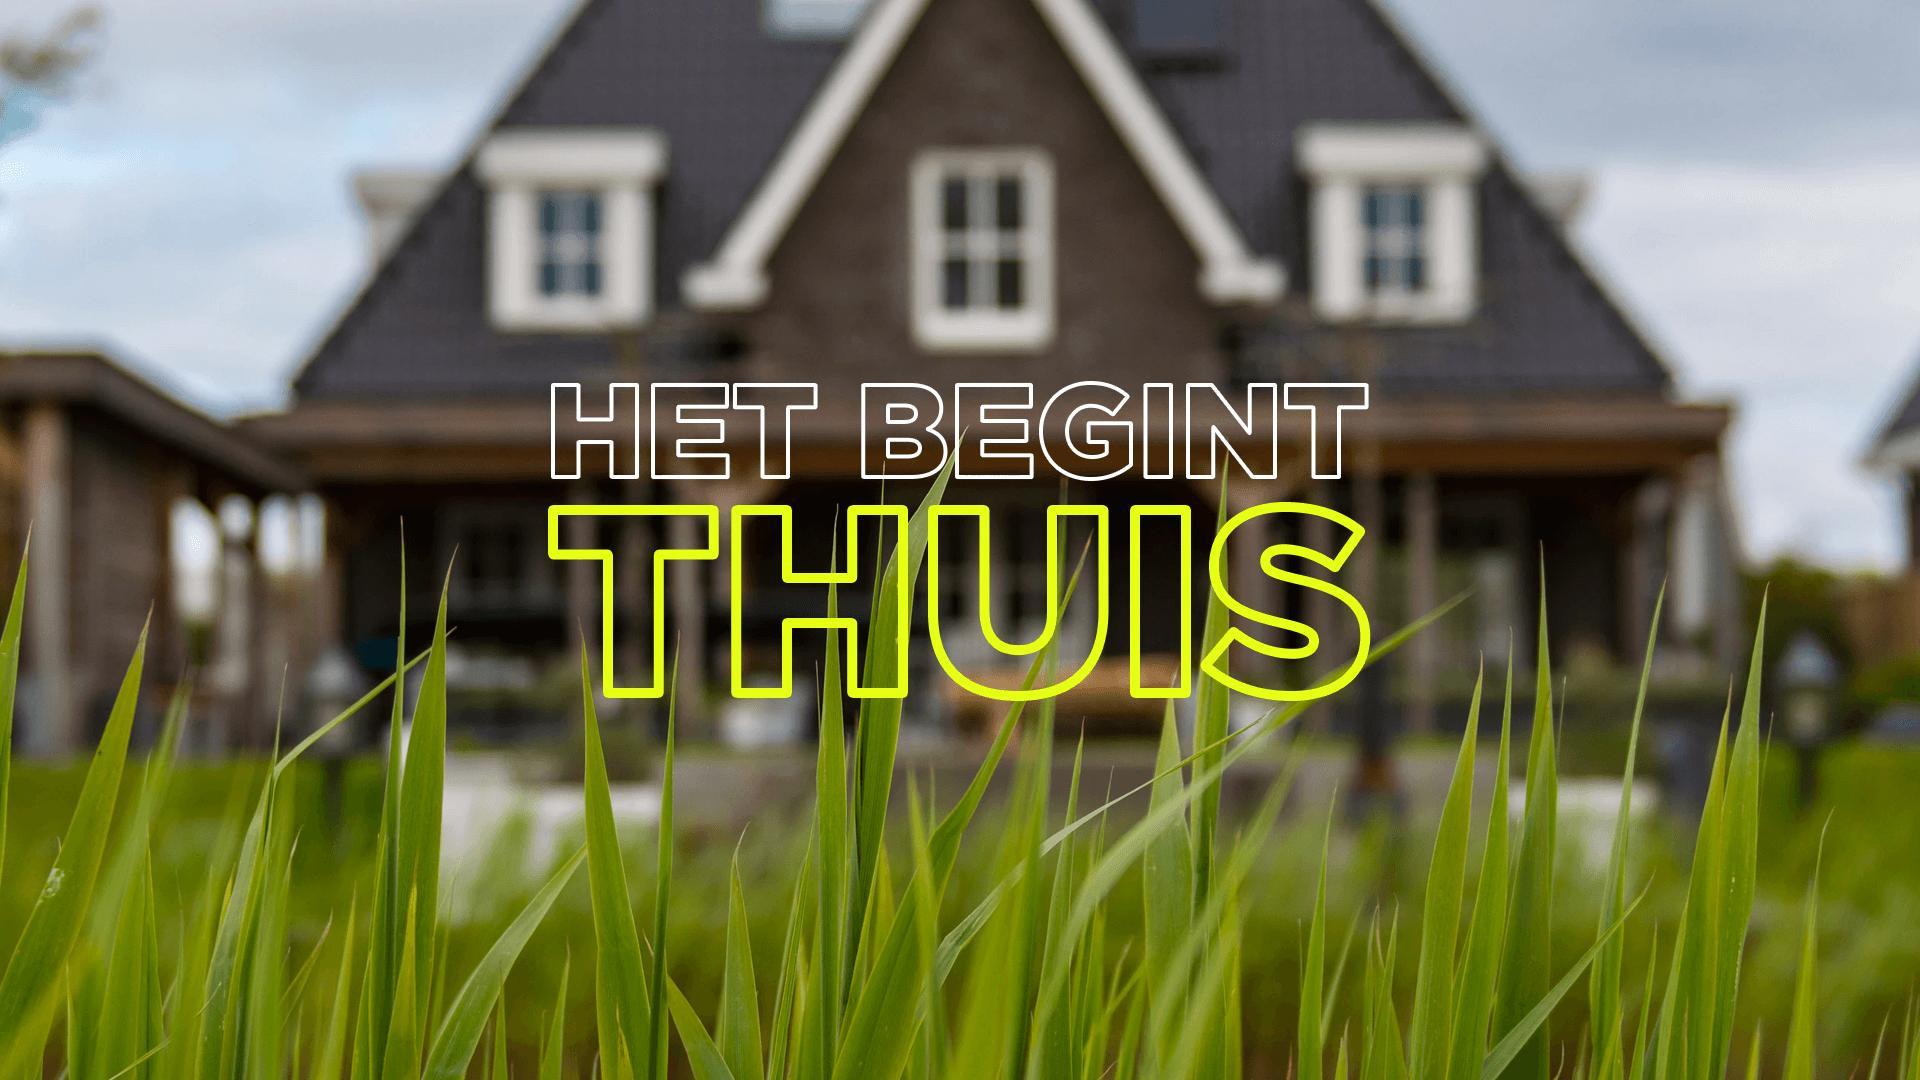 Bekijk de laatste preek van Willem de Vink over Pinksteren begint bij je thuis